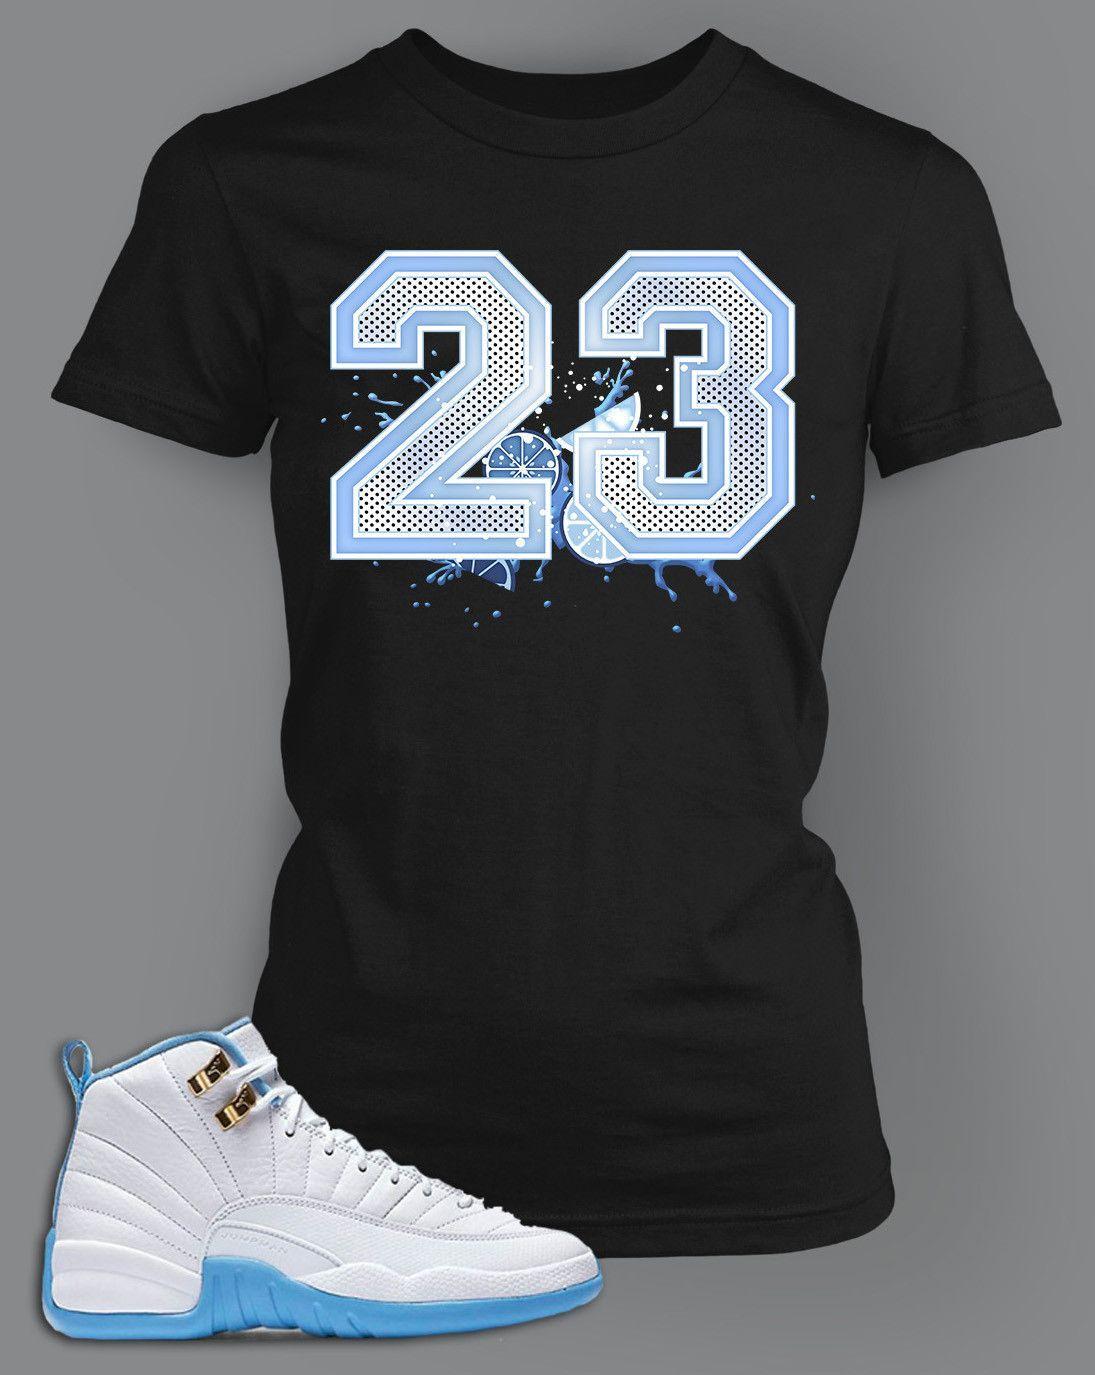 Womens T Shirt To Match Retro Air Jordan 12 Shoe Melo Tee in